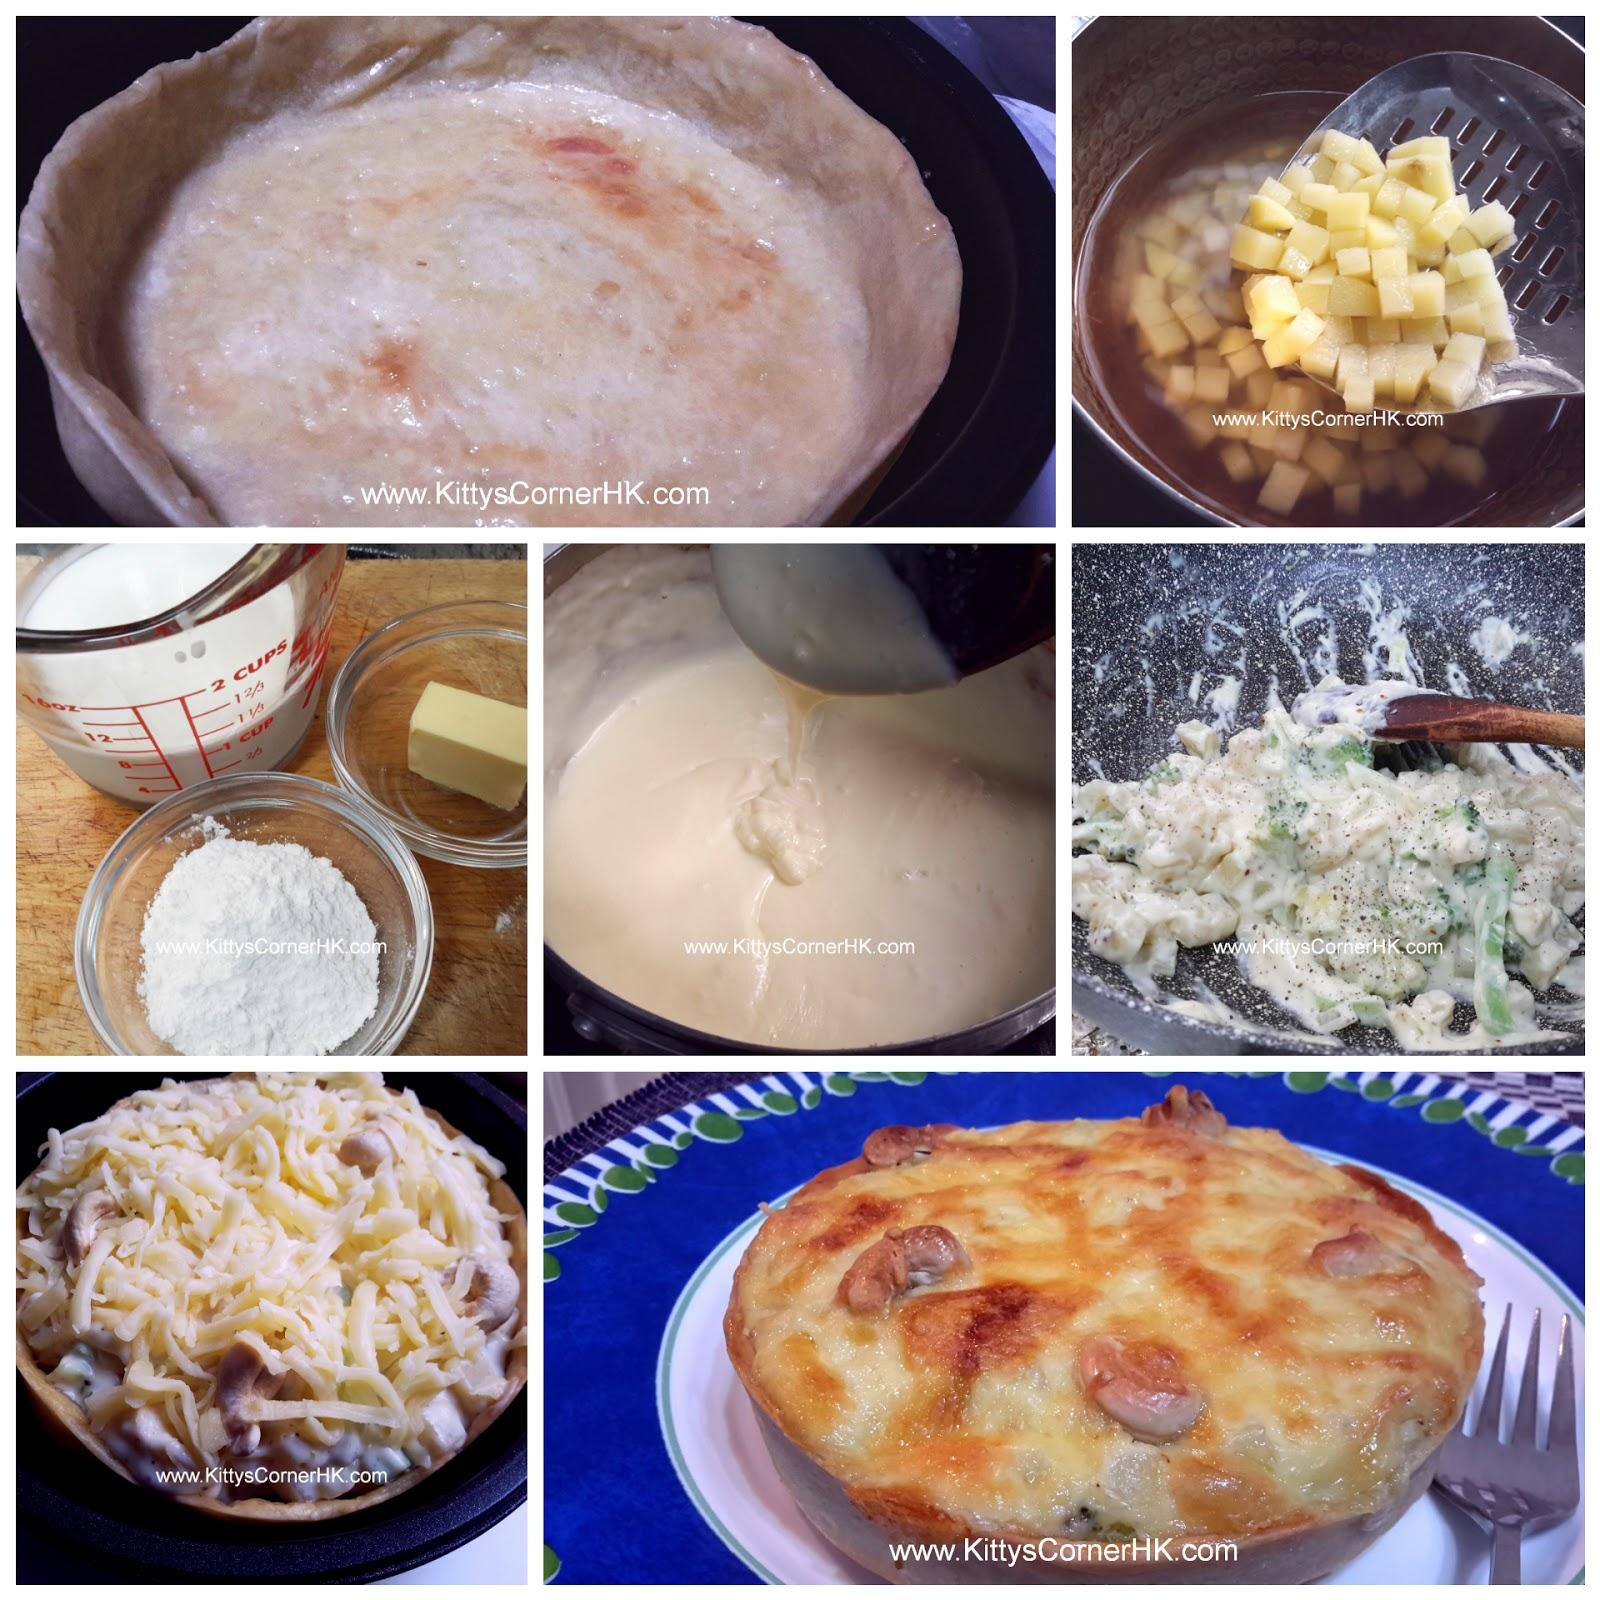 Veggie and Nuts Quiche DIY recipe 腰果蔬菜薯仔鹹批 自家烘焙食譜